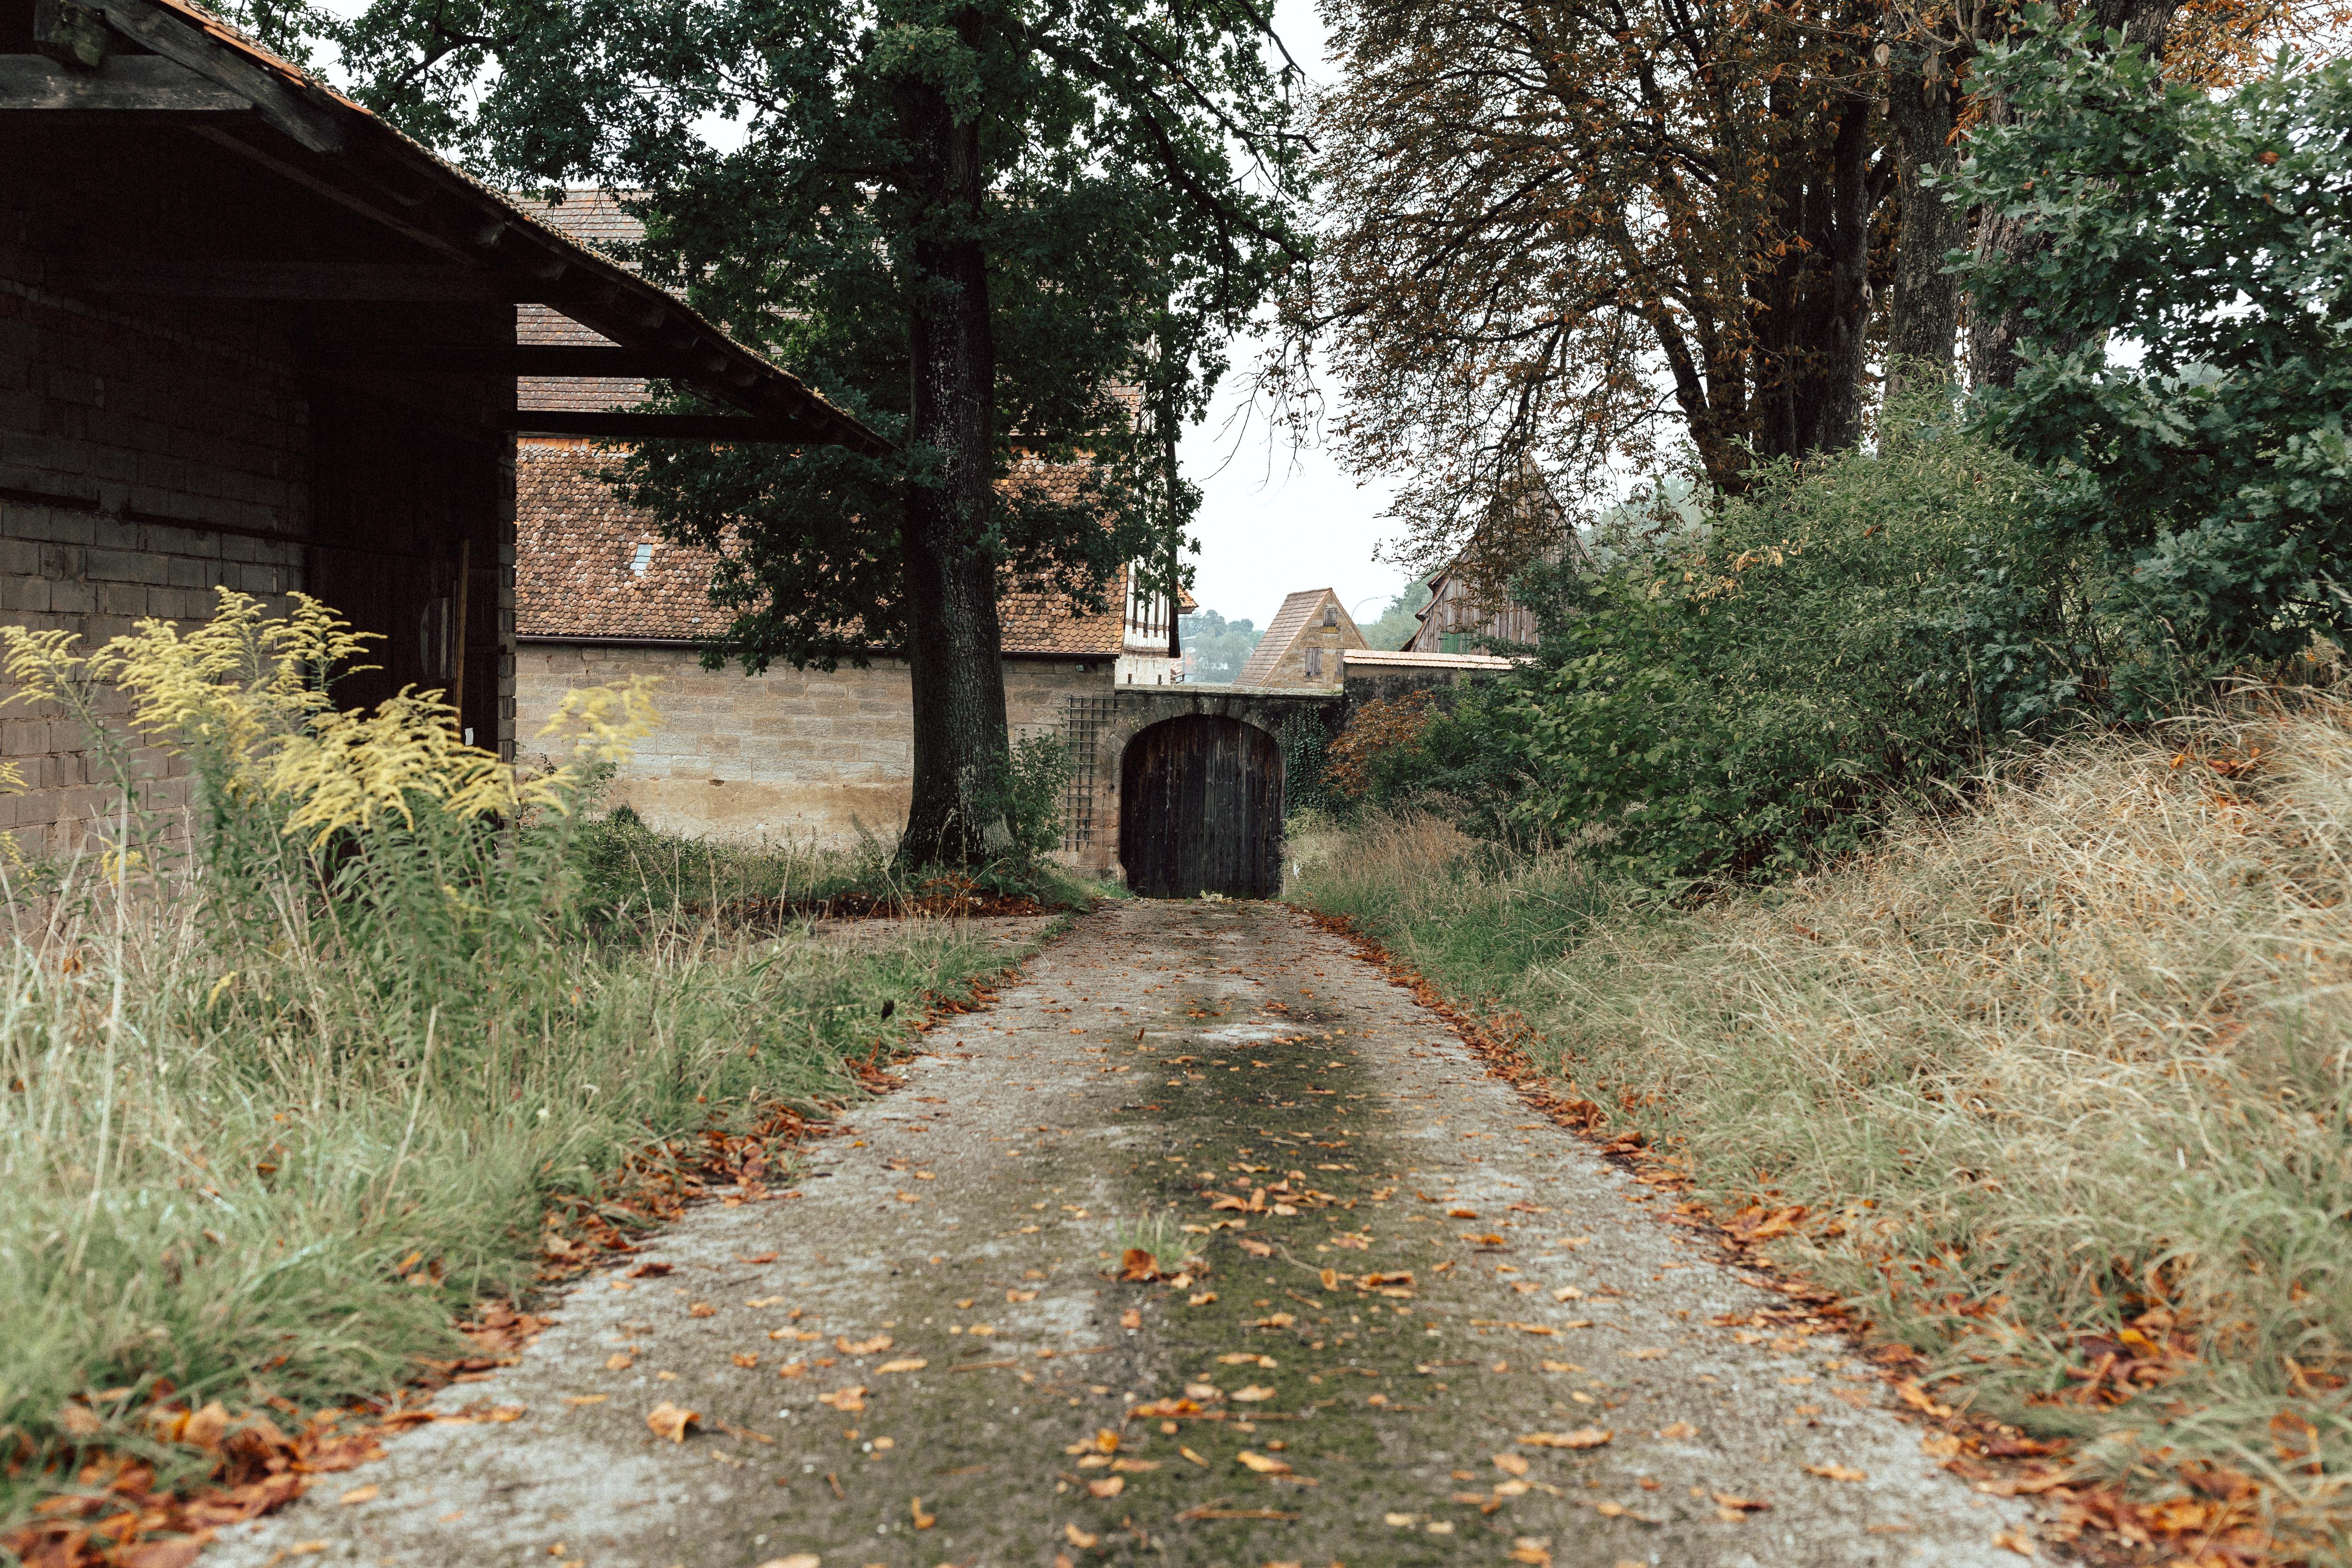 URBANERIE_Daniela_Goth_Fotografin_Nürnberg_Fürth_Erlangen_Schwabach_170902_004_0012